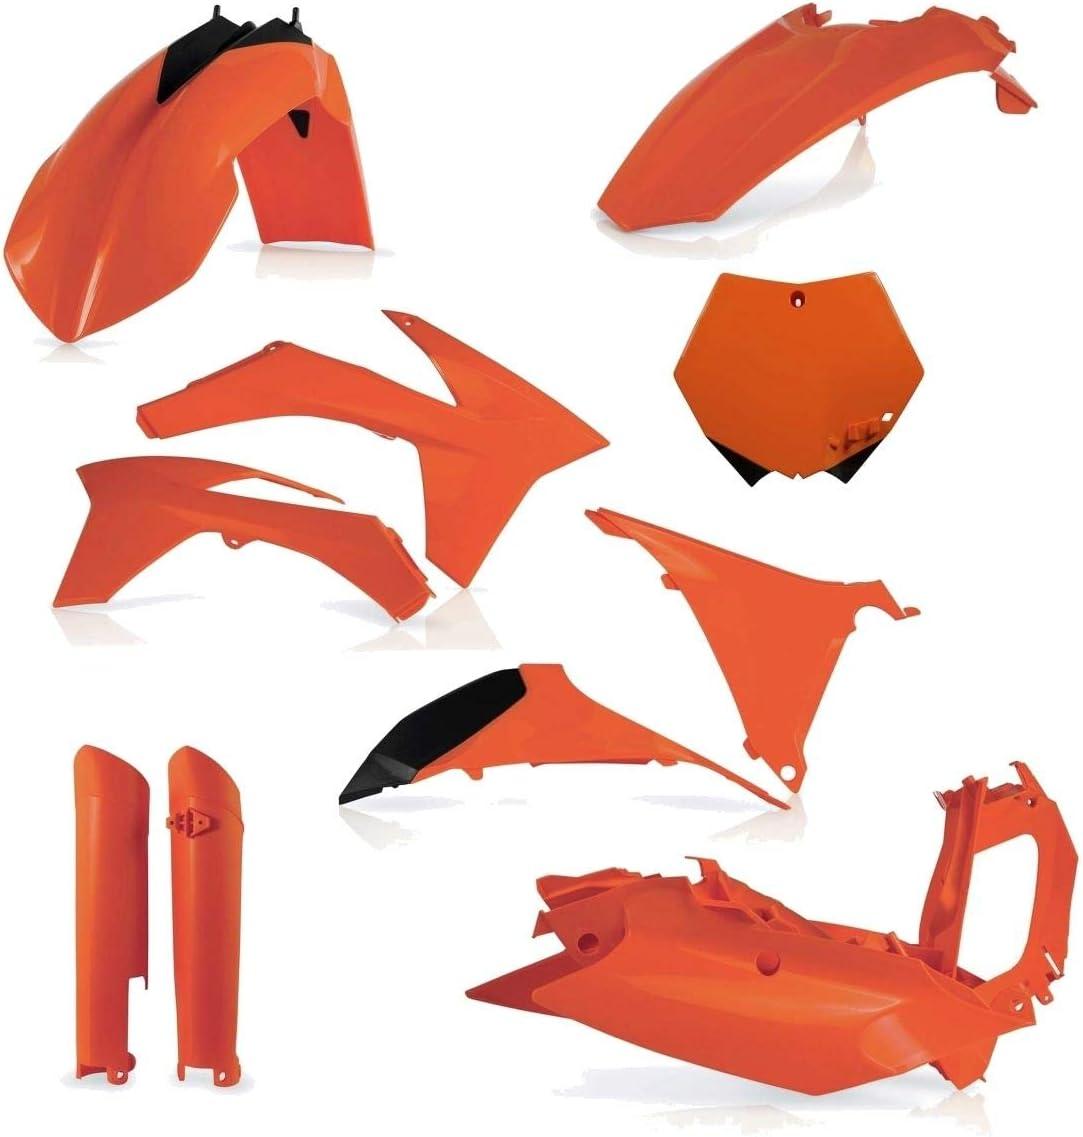 Acerbis Rear Fender//Side Panels KTM Orange for KTM 200 XC-W 2008-2011